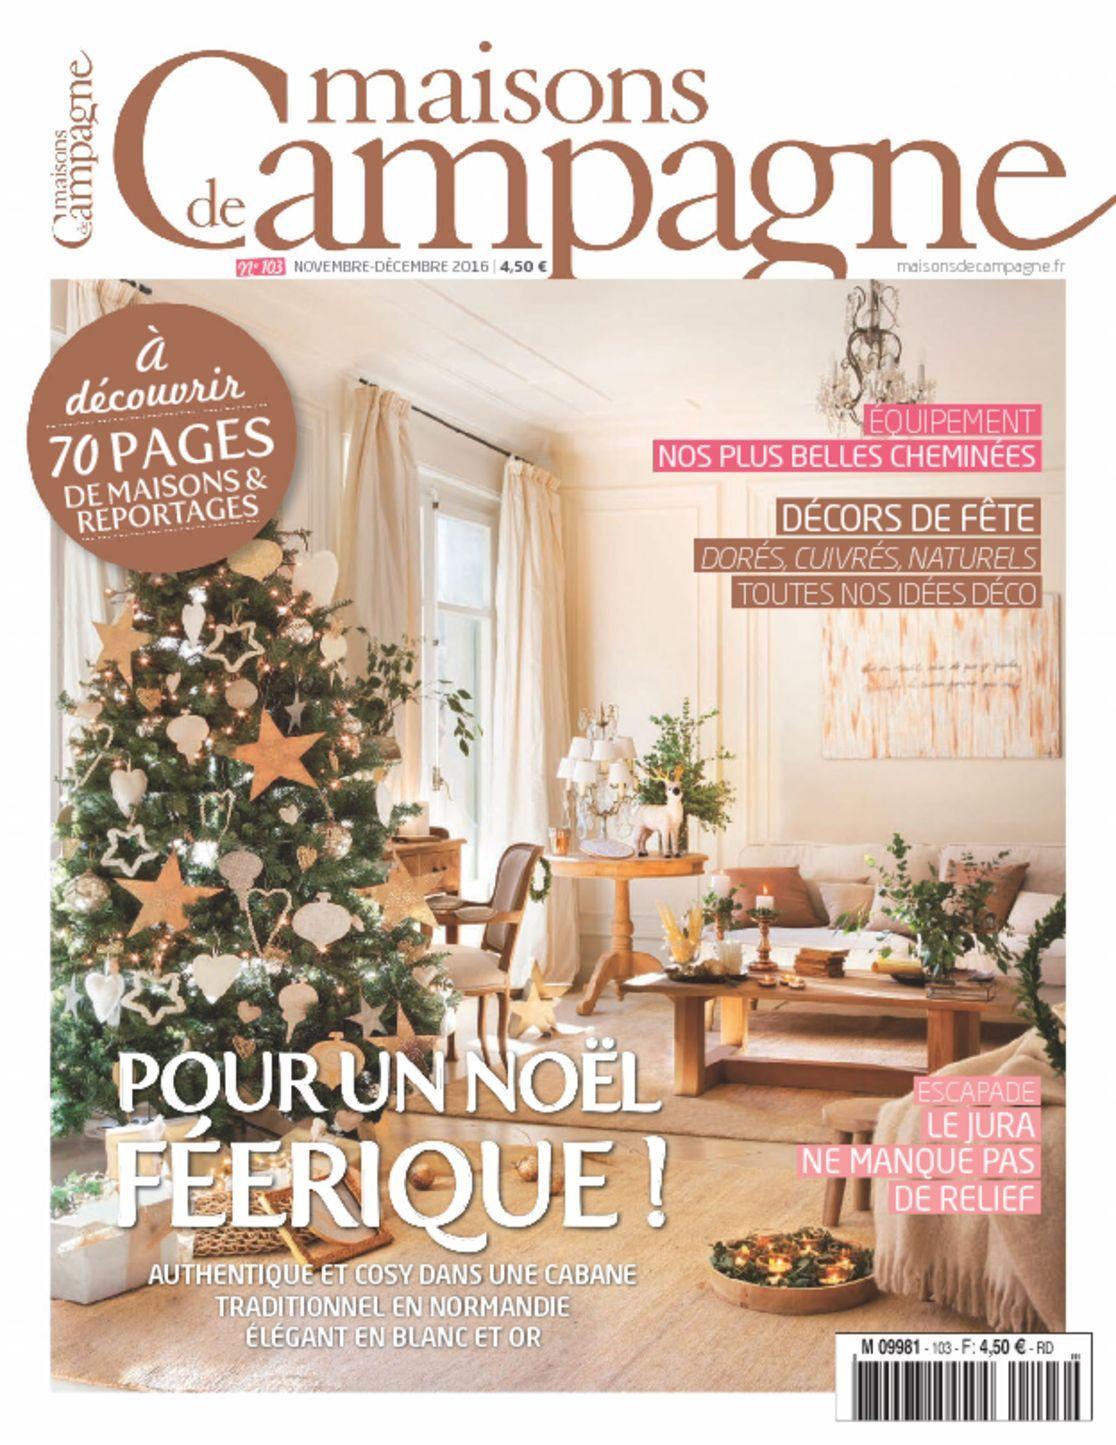 Maisons de campagne digital magazine - Maisons de campagne magazine ...